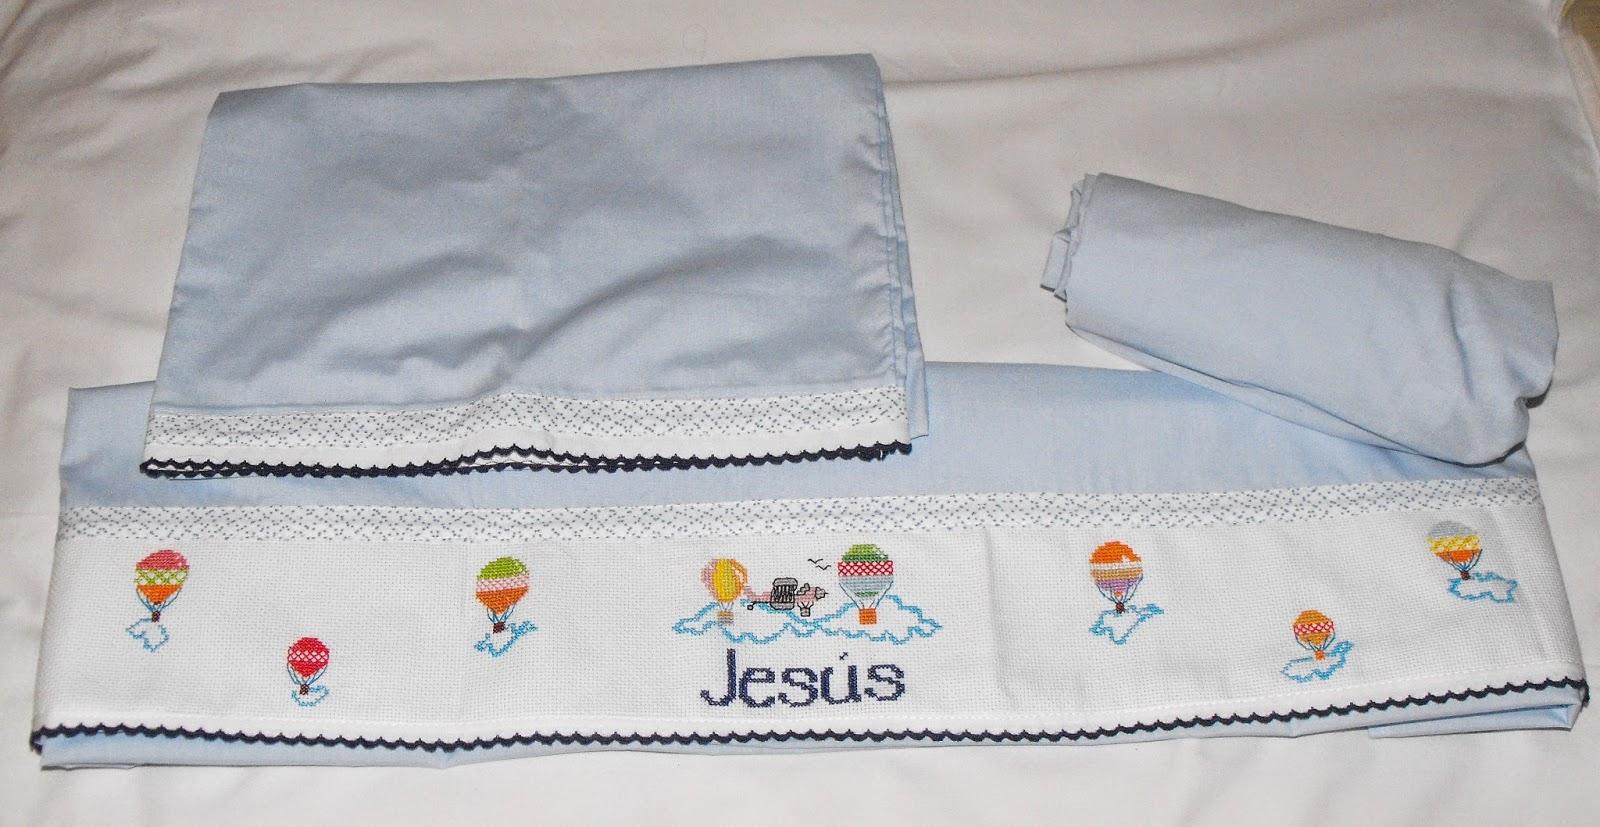 Regalos originales infantiles personalizados bordados para tu bebe juego de sabanas de cuna Sabanas para ninas